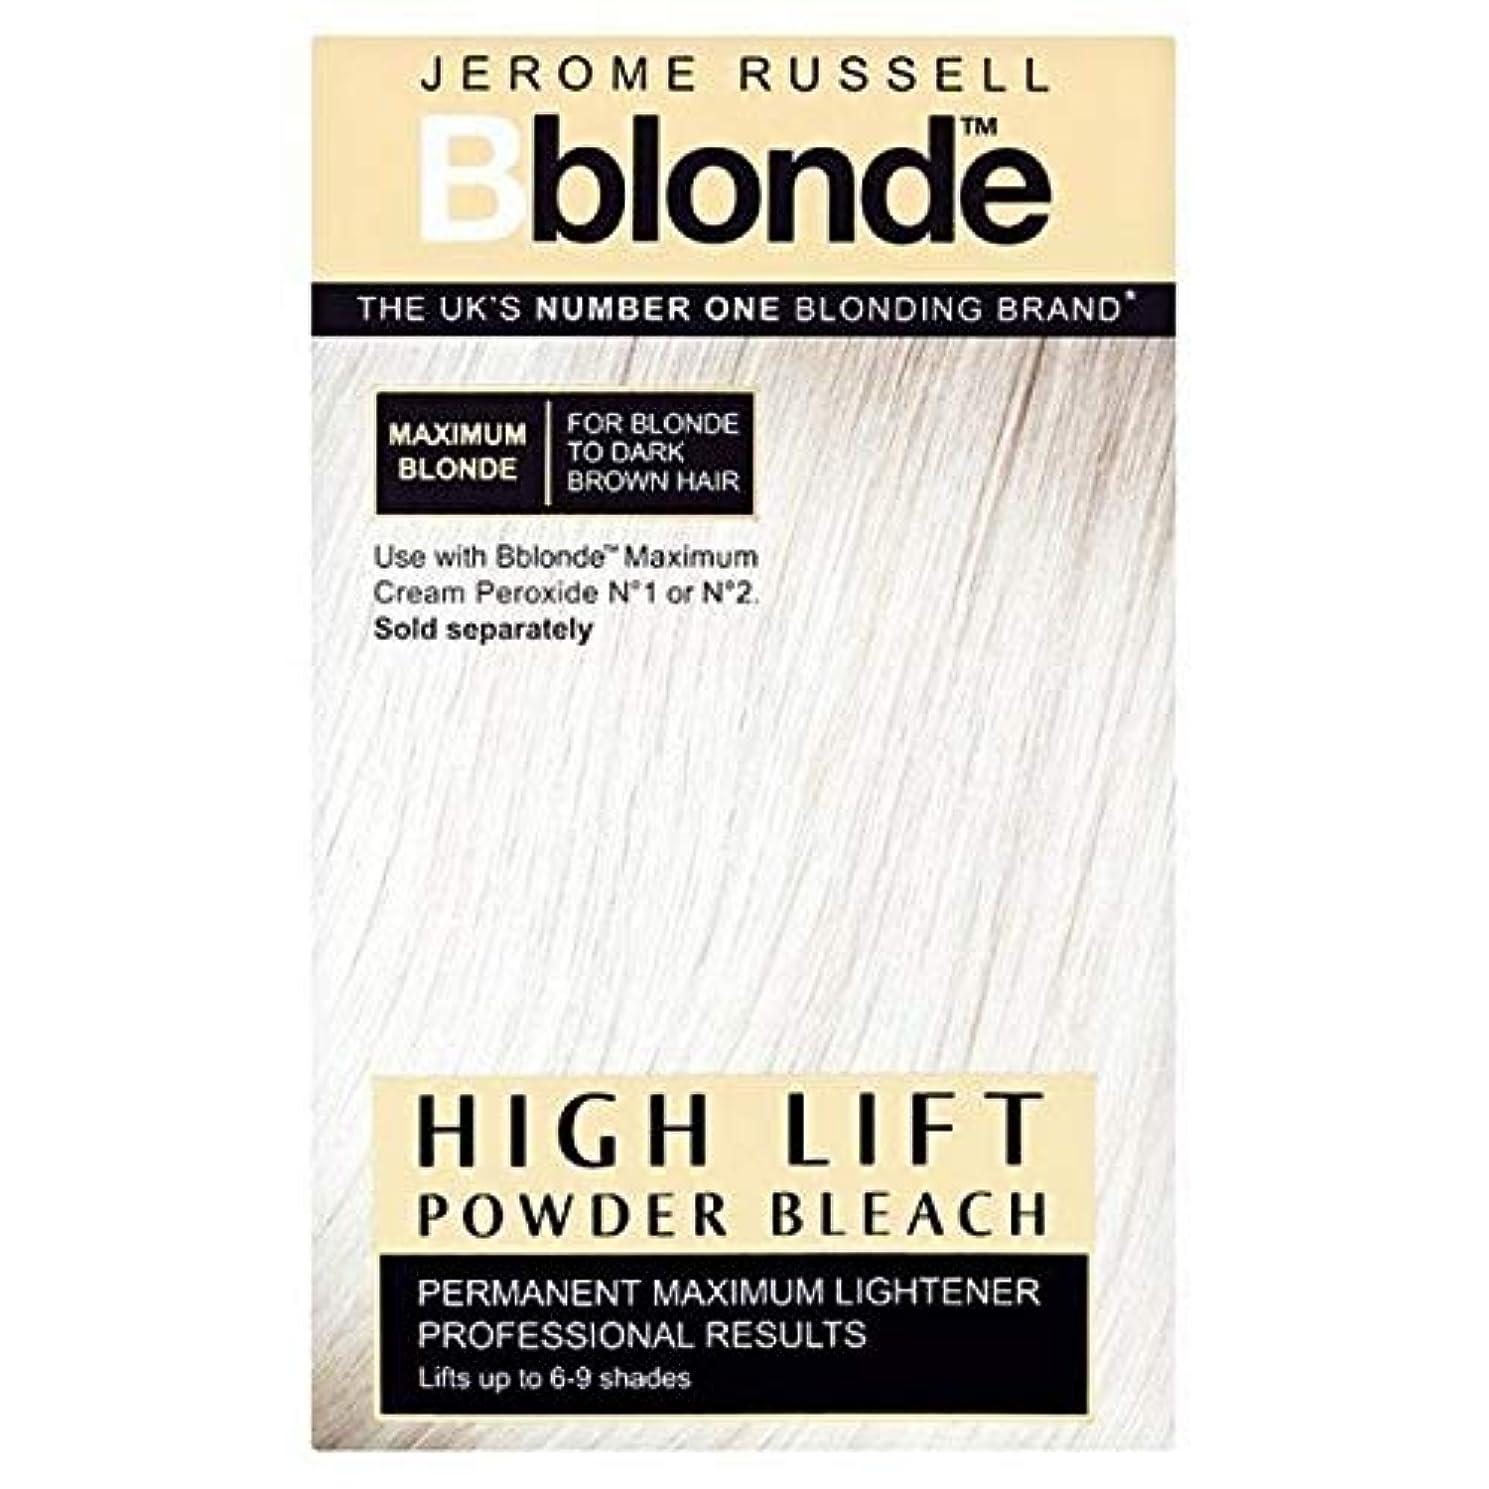 感情ユーモアこねる[B Blonde] ジェロームラッセルB金髪粉末漂白剤100グラムのライトナー - Jerome Russell B Blonde Powder Bleach 100g Lightner [並行輸入品]